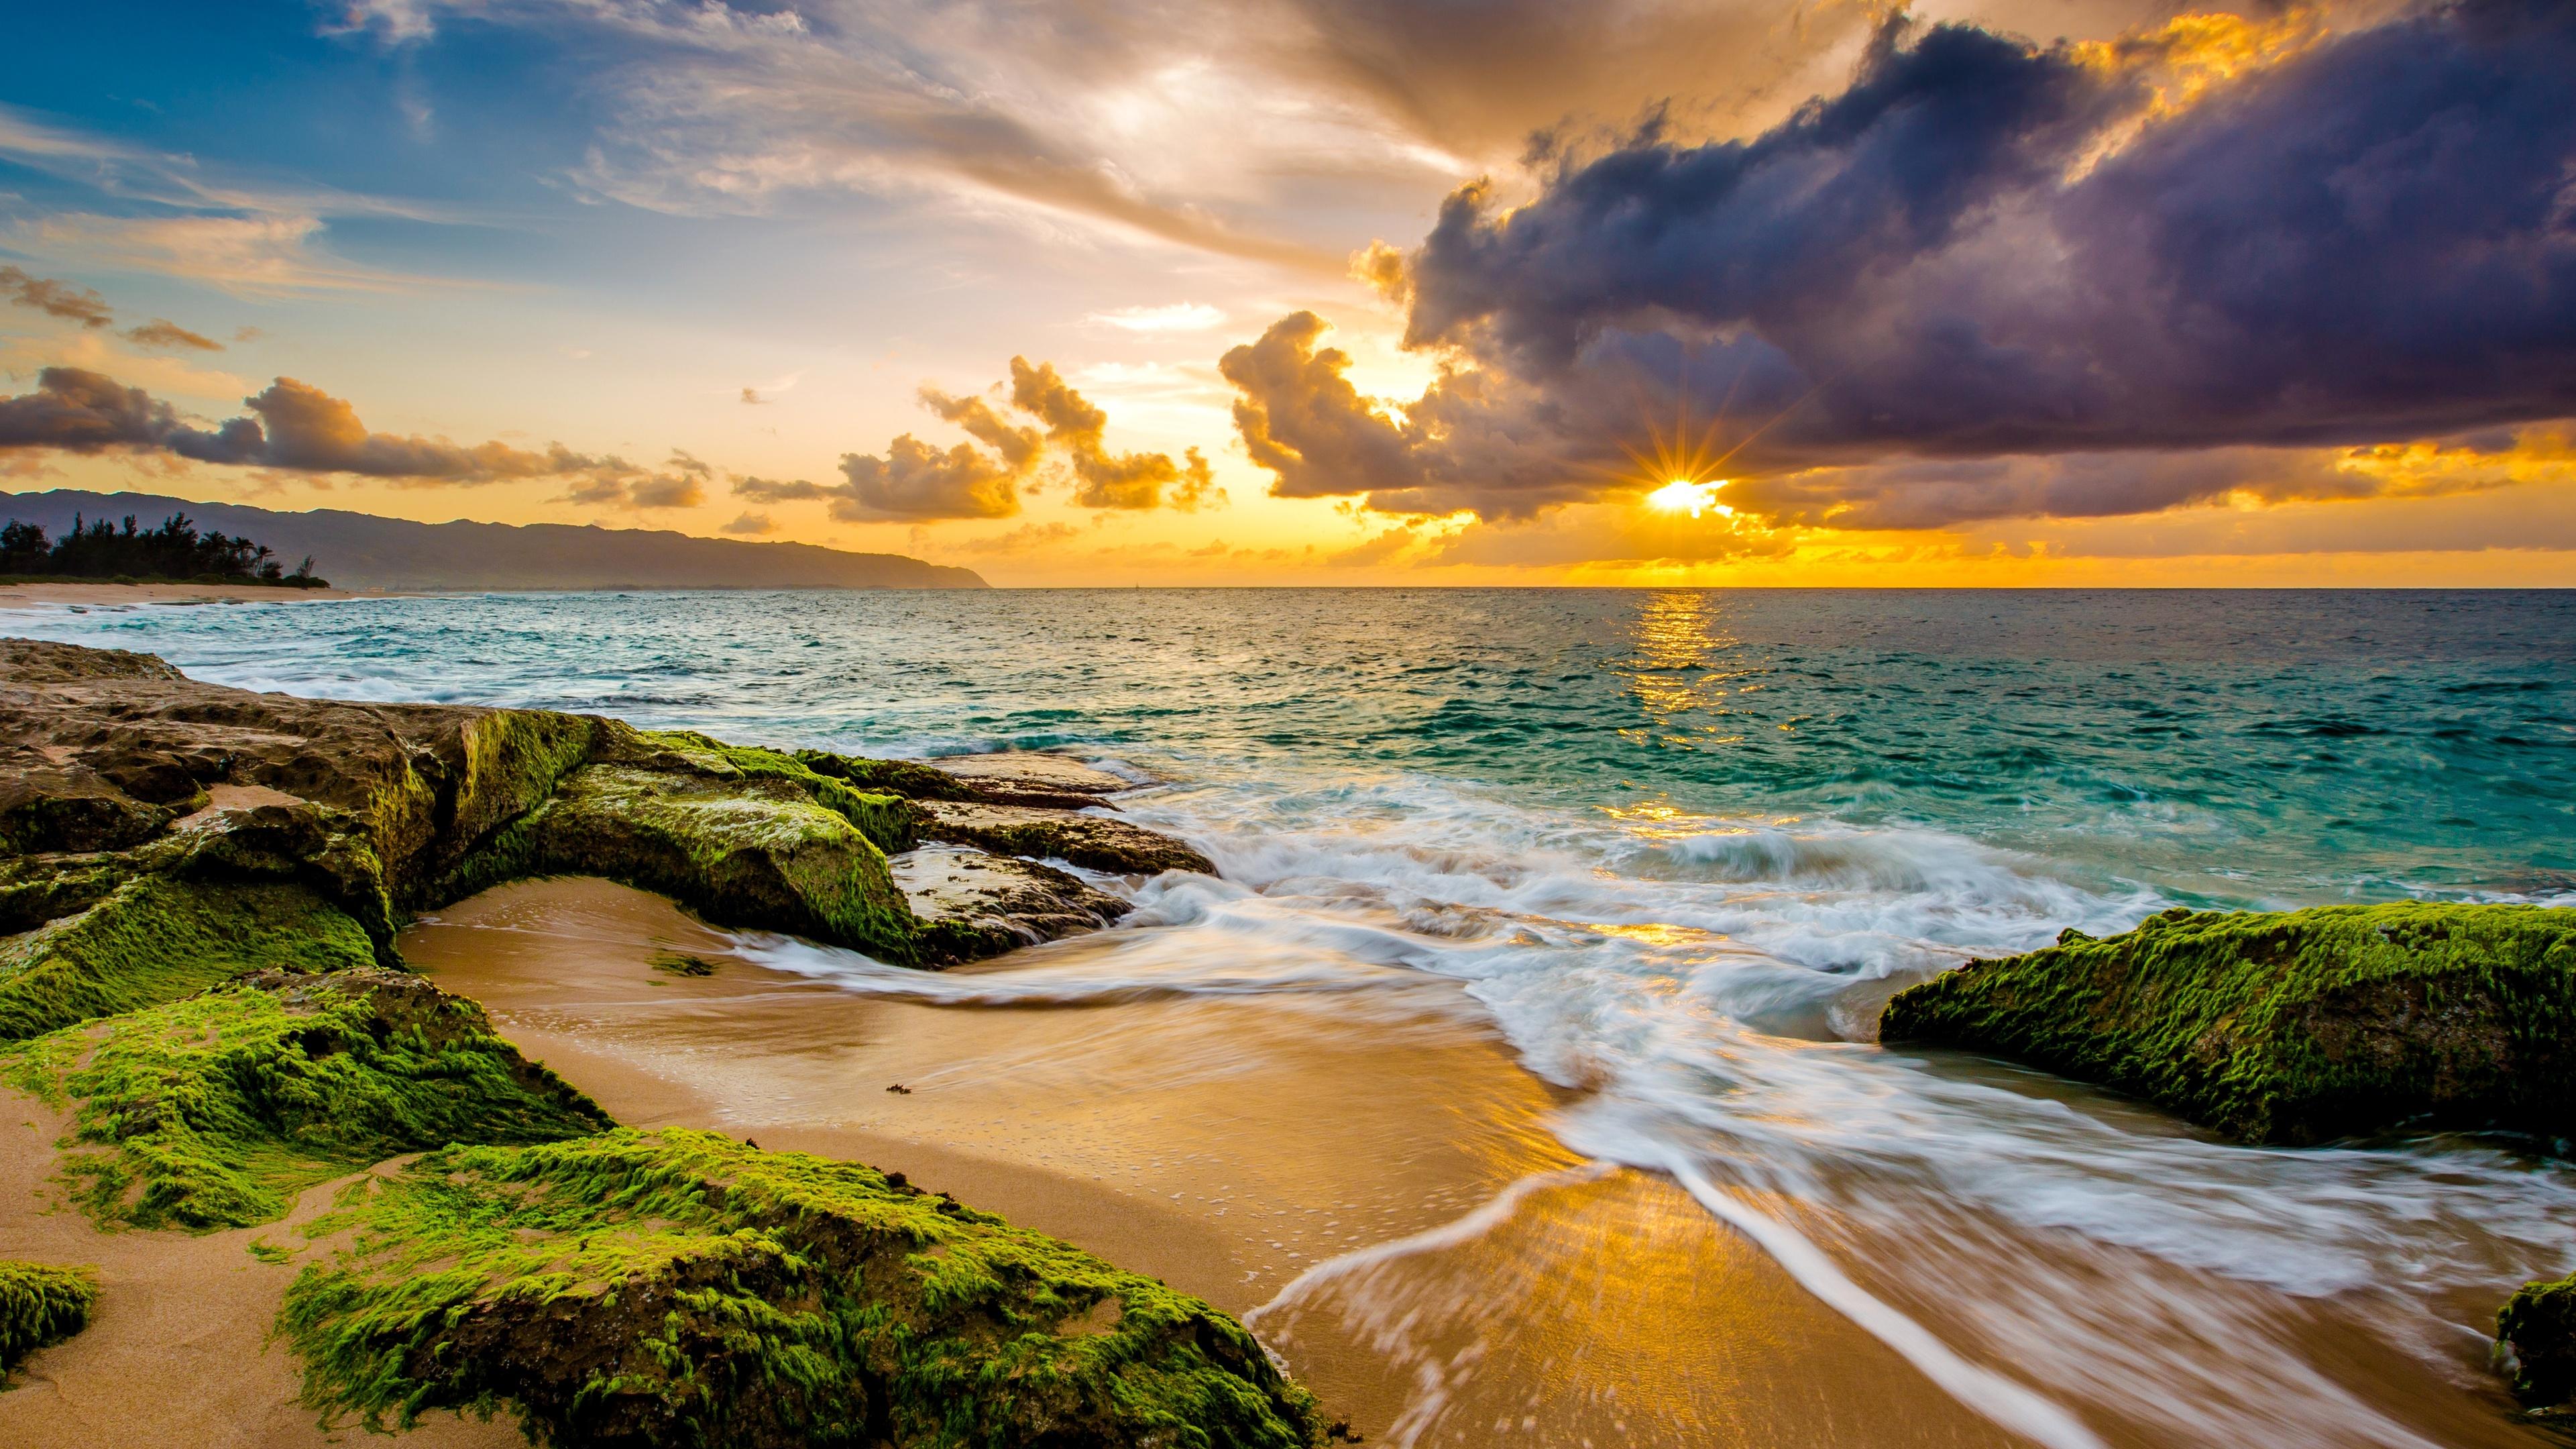 природа море берег небо горизонт  № 3776990 бесплатно